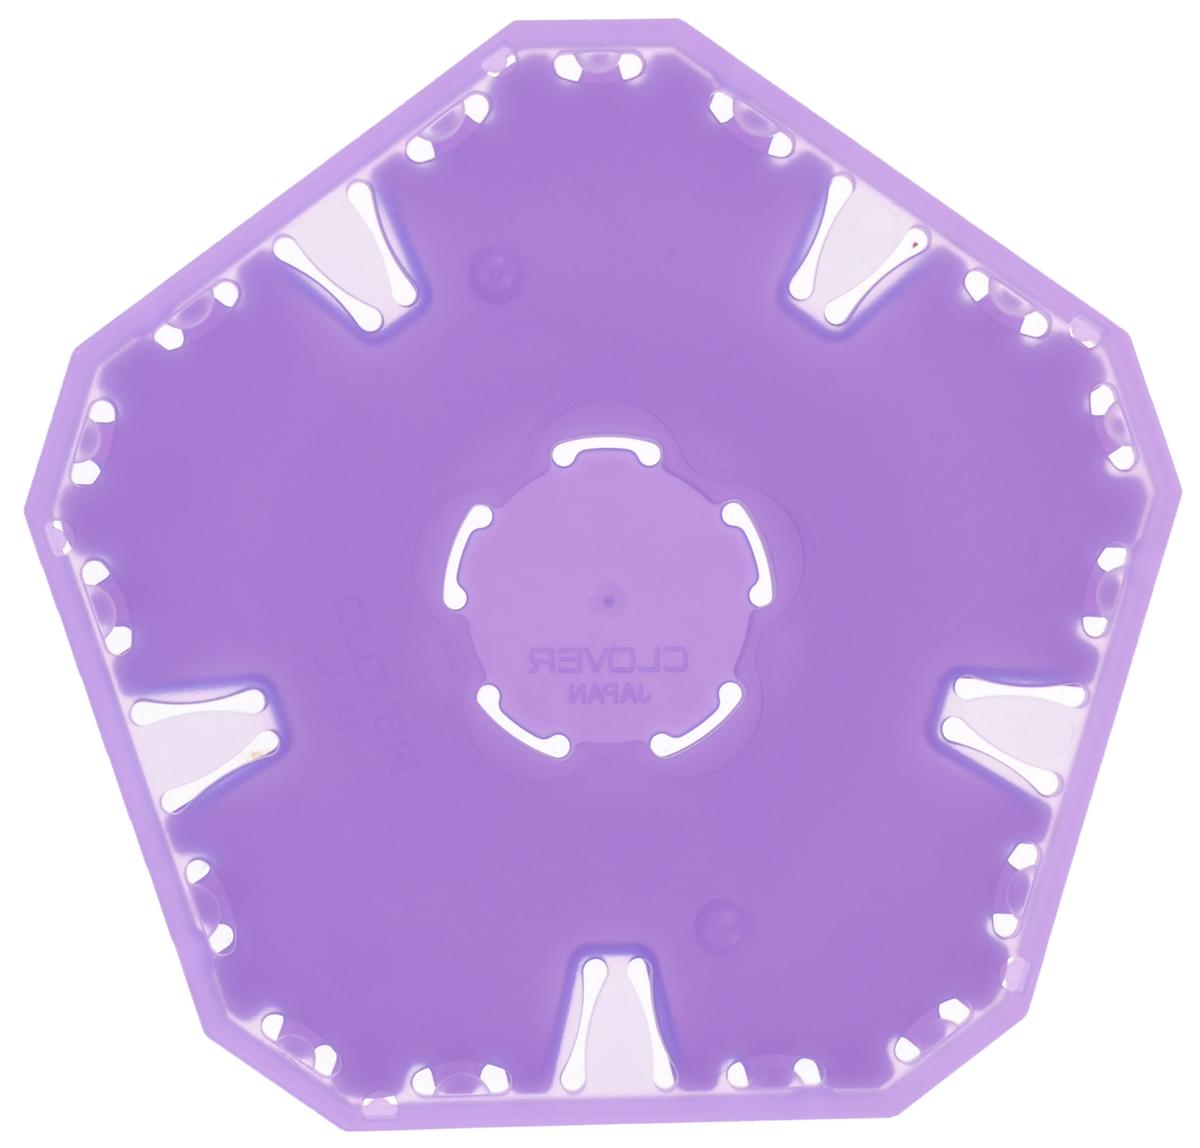 Трафарет для изготовления украшений Clover Йо-йо, 9,5 х 9 см8706Трафарет для изготовления украшений Clover Йо-йо выполнен из высококачественного полипропилена. Такое изделие позволит быстро и легко изготовить украшение Йо-йо. Йо-йо - это определенным образом задрапированные круги из ткани, традиционно используемые в квилтинге, аппликации и пэчворке. Эти круги могут быть любого диаметра и фактуры, плоские или объемные, с декором и без него. Внутри упаковки есть детальная инструкция по изготовлению данного украшения. Размер шаблона: 9,5 х 9 см. Размер готового изделия: 35 мм.